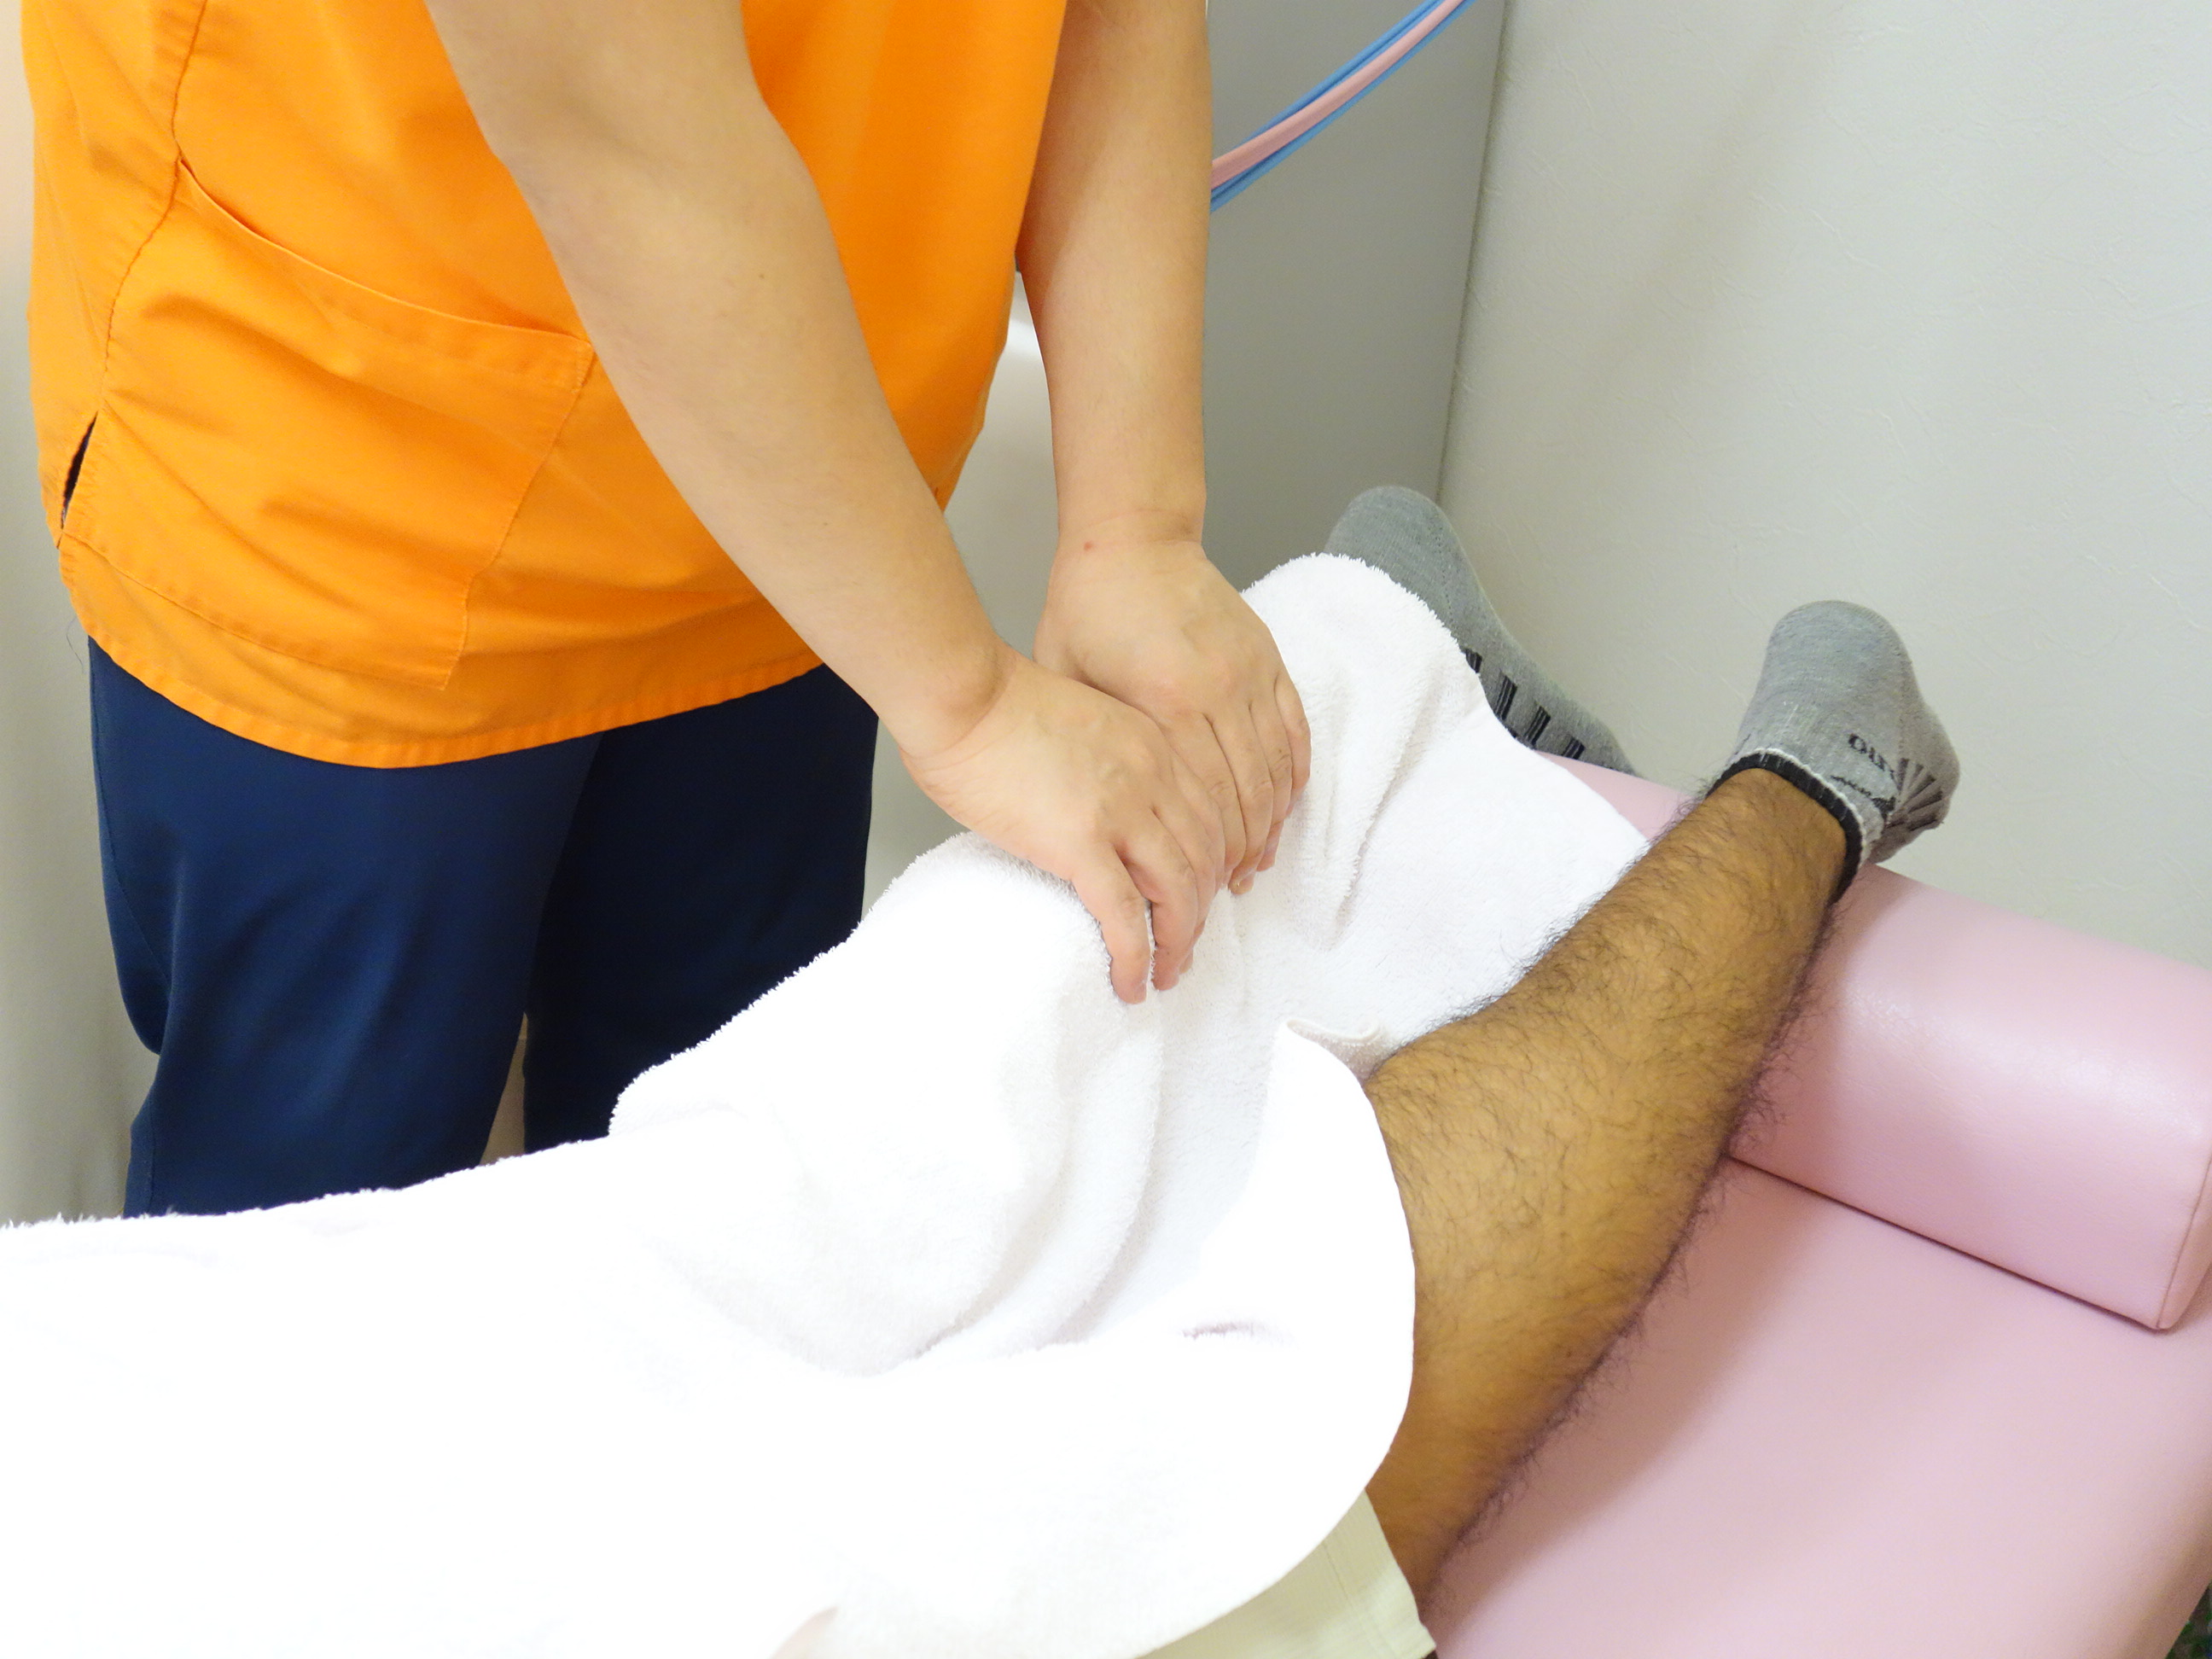 シンスプリントのマッサージ治療をしているサッカー選手